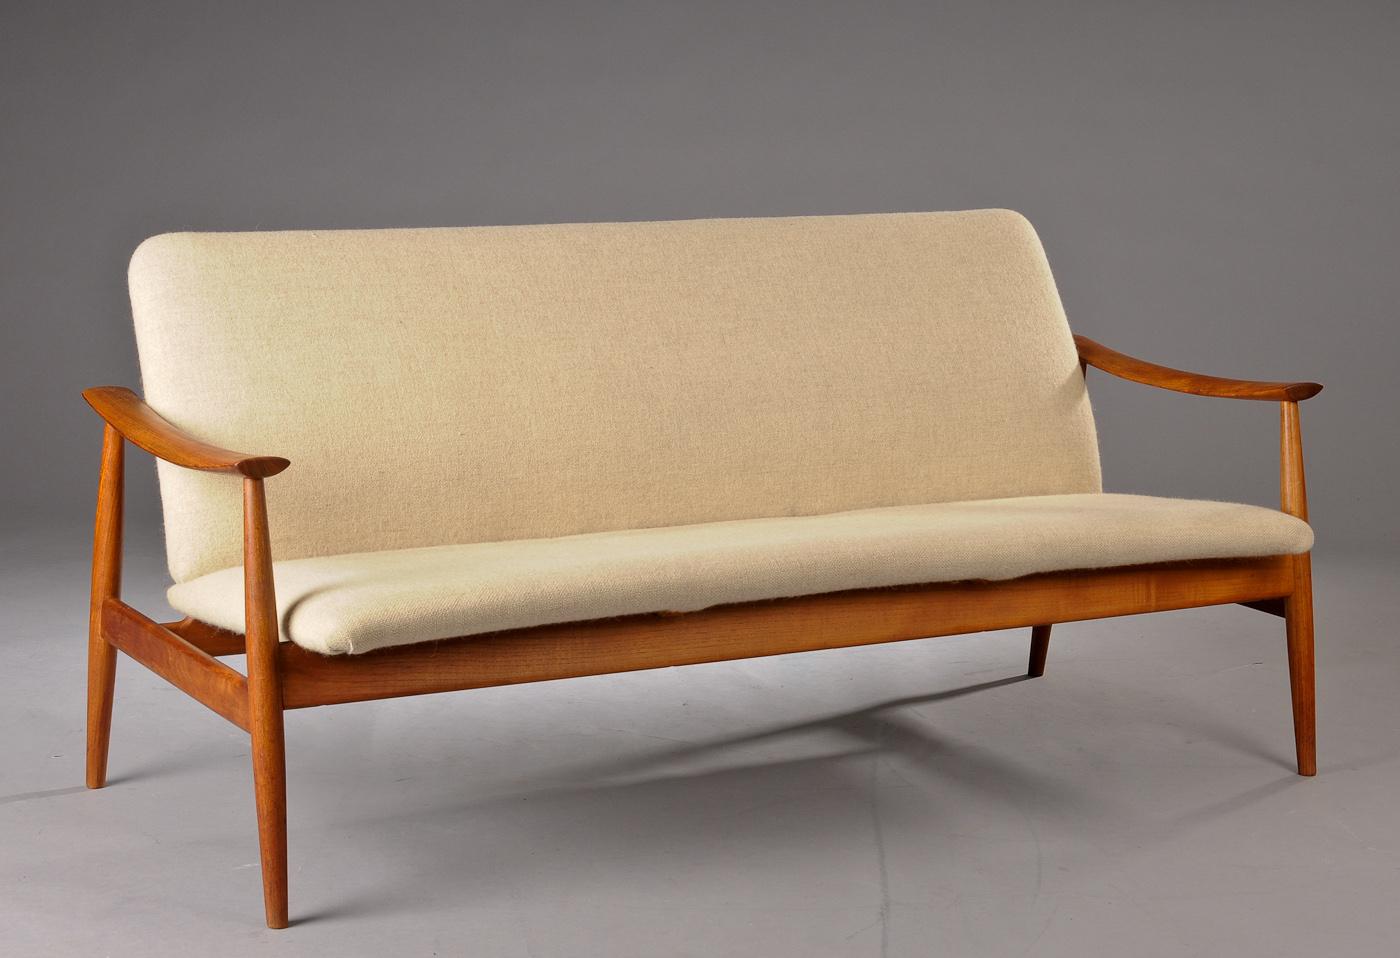 Superbe Finn Juhl. Sofa Model 138 Af Teak Click Here To See A Larger Picture